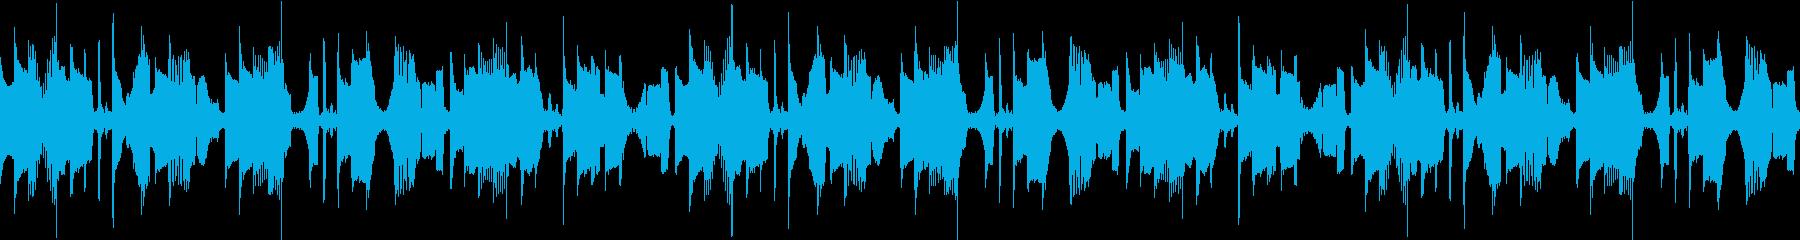 企業VPや映像にシンプルなシンセサウンドの再生済みの波形